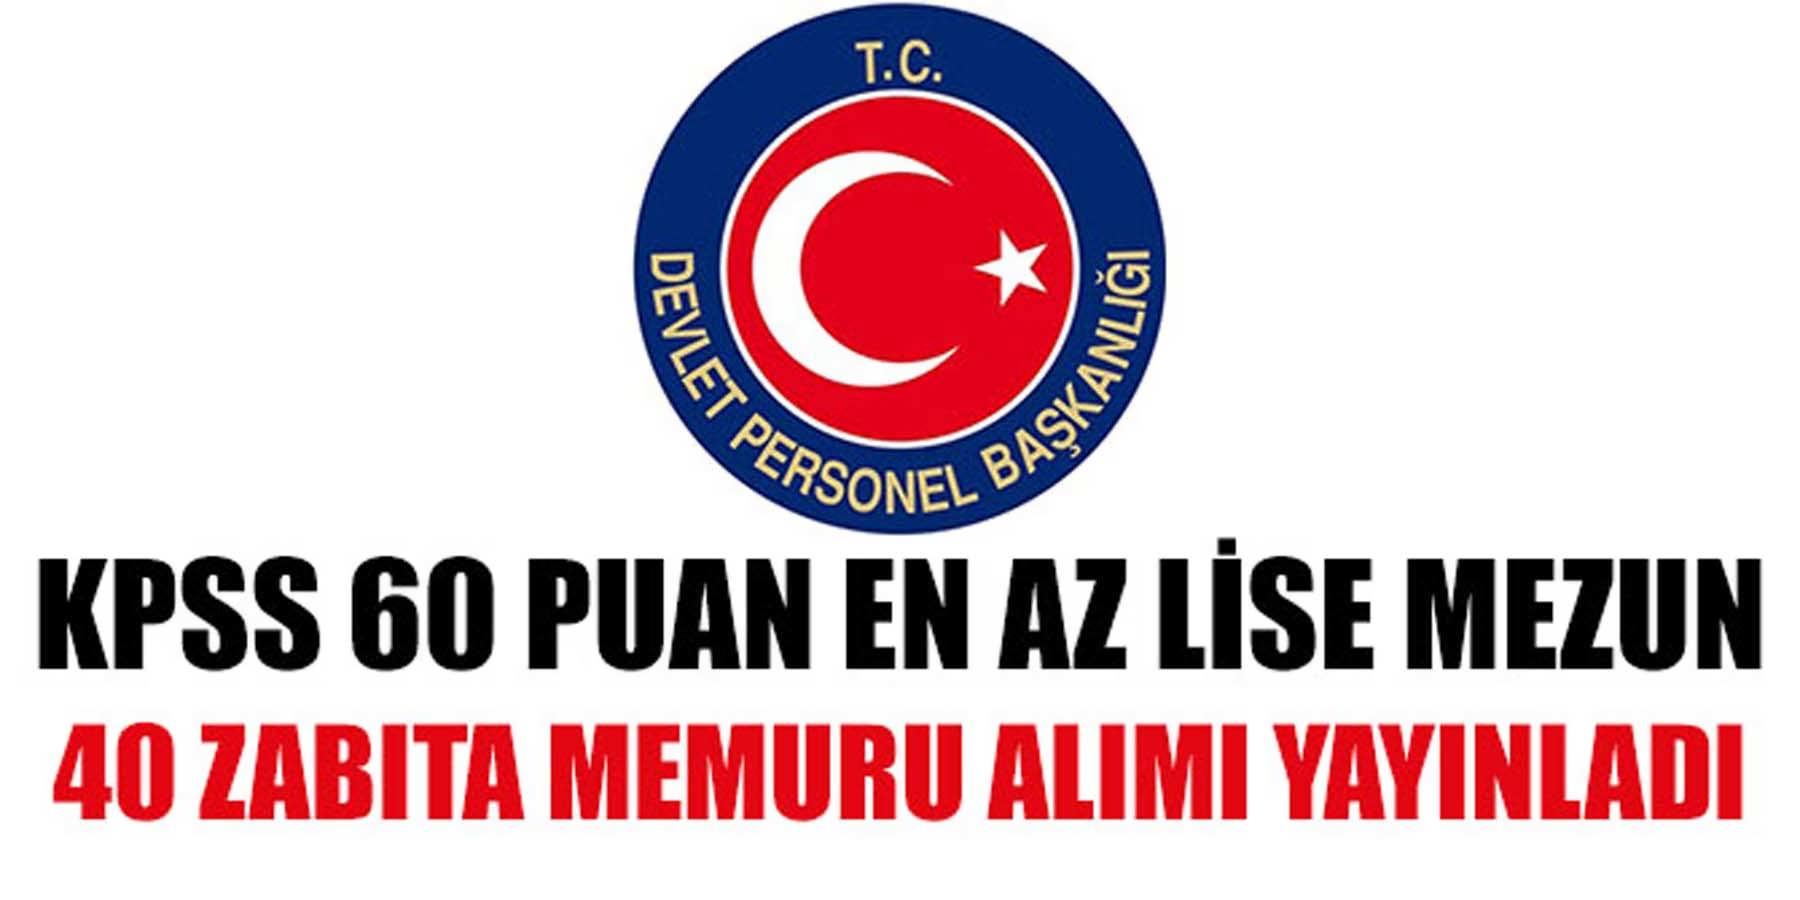 DPB 16 Kasım 2018'de KPSS 60 Puanla 40 Zabıta Memuru Alımı Yayınladı